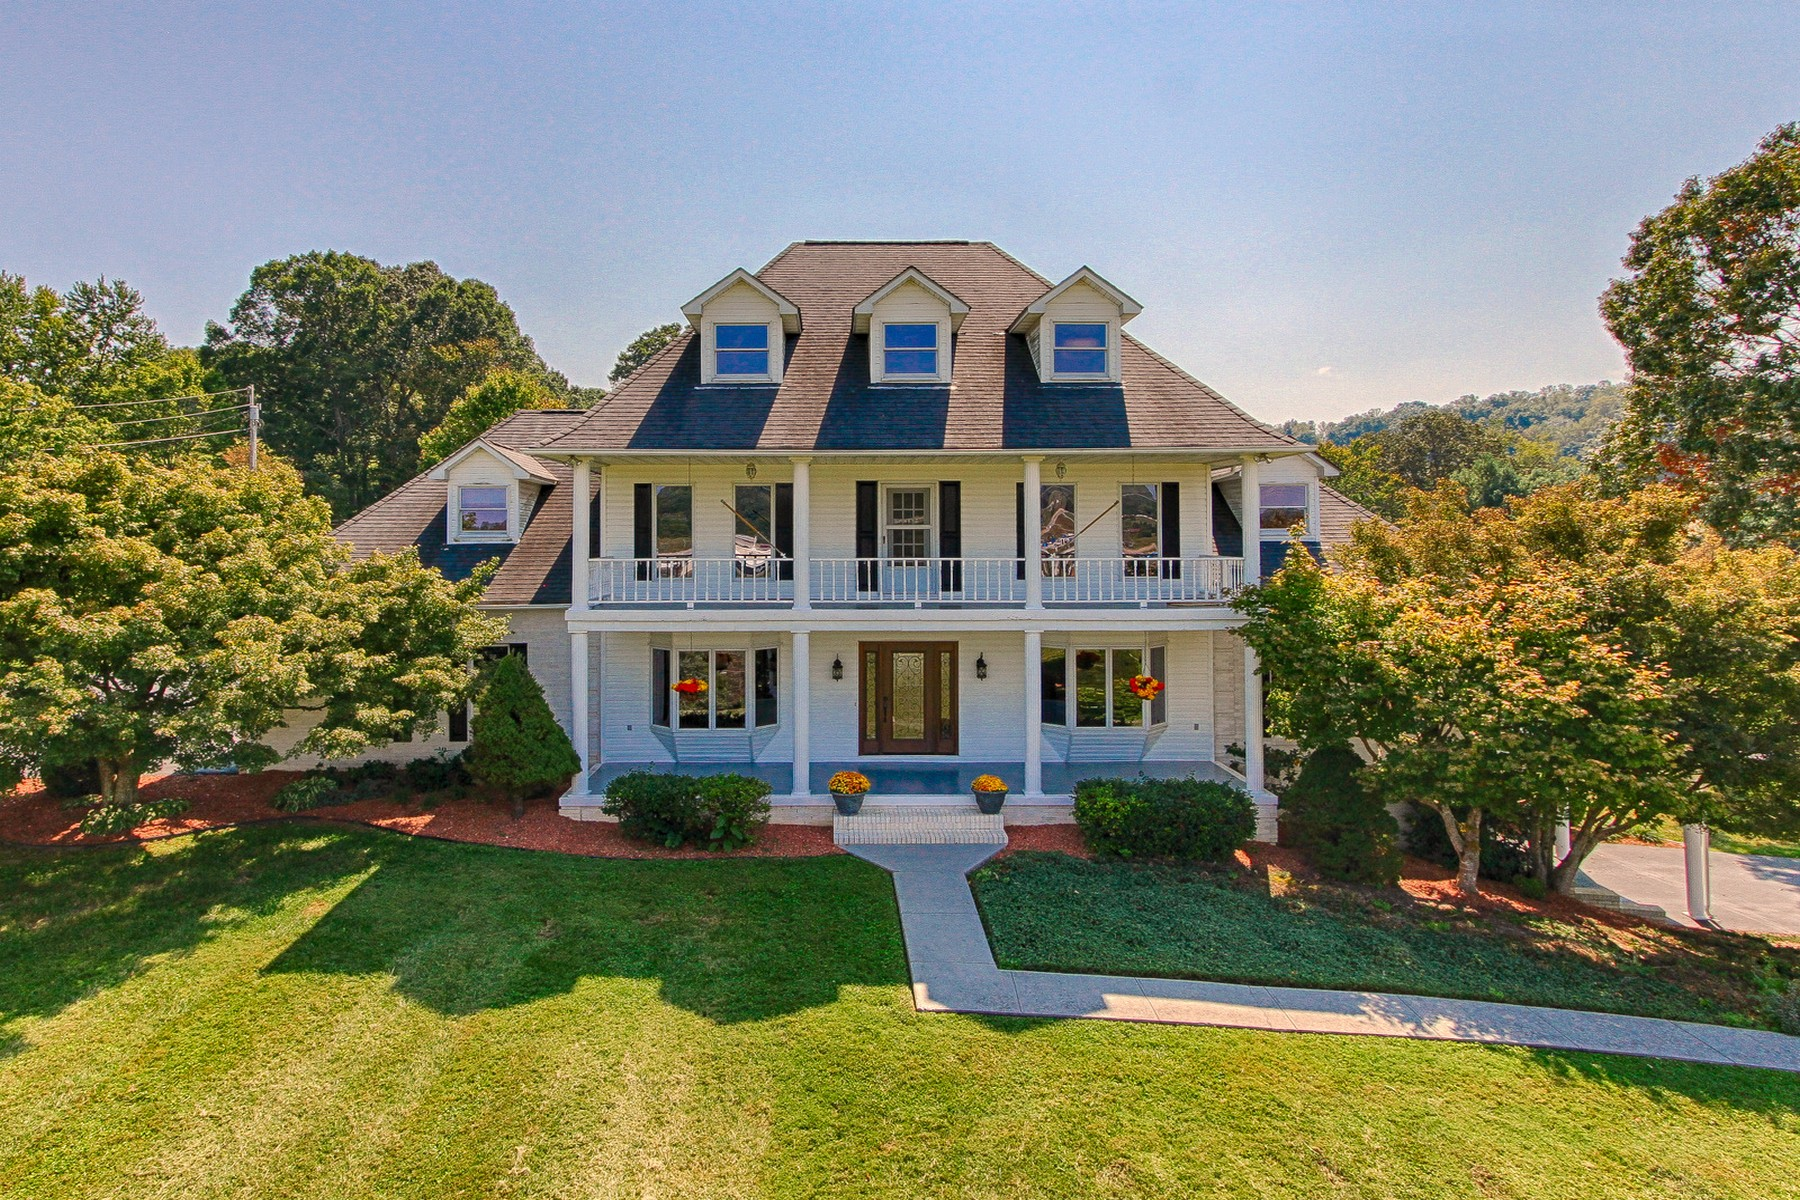 Maison unifamiliale pour l Vente à Private 13+ Acre Estate 905 Old Highway 33 New Tazewell, Tennessee 37825 États-Unis